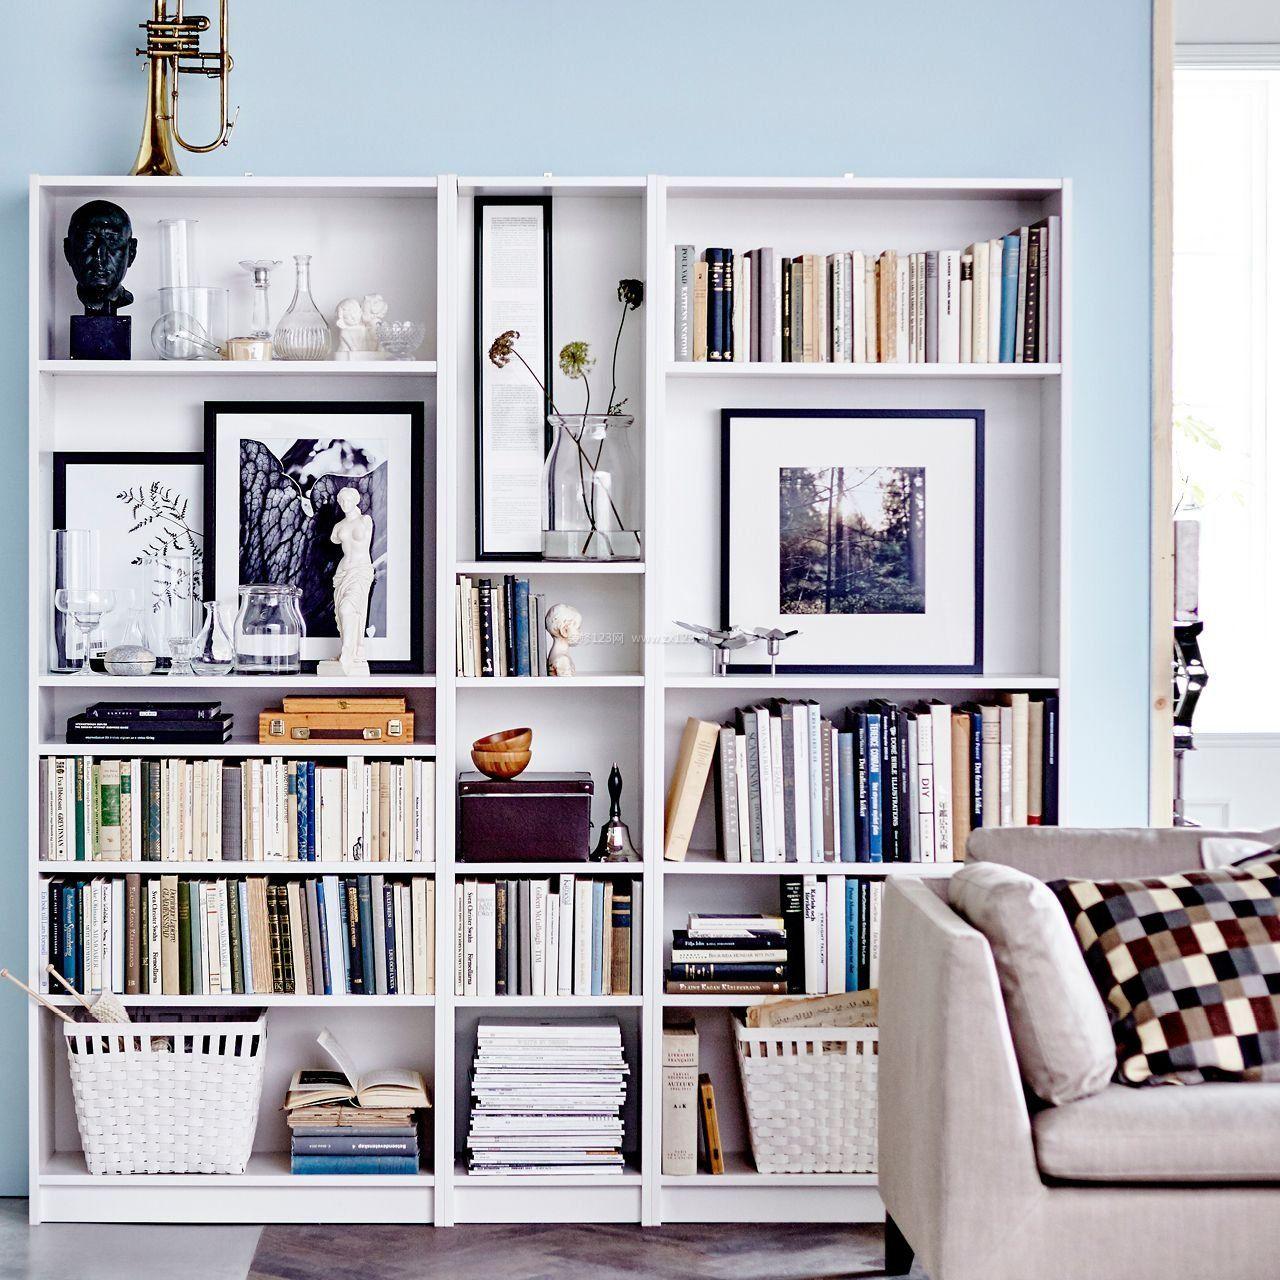 2018现代客厅简易书架_装修123效果图图片